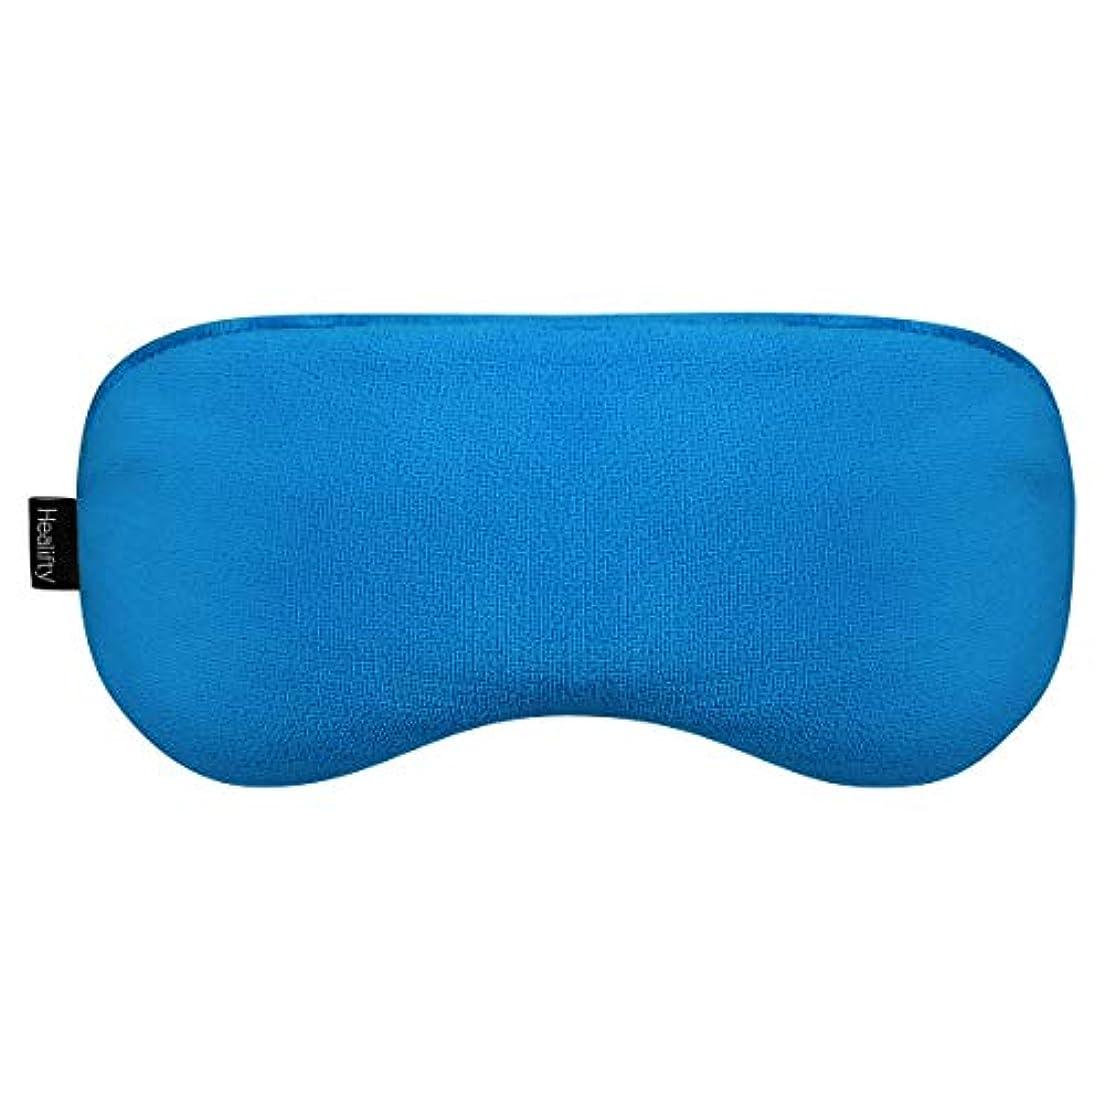 無実メトロポリタン従事したHealifty 目の目隠し1ピース亜麻仁アイ圧縮暖かいアイセラピーマイクロ波ホットアイマスク付きベルベットカバー(ブルー)